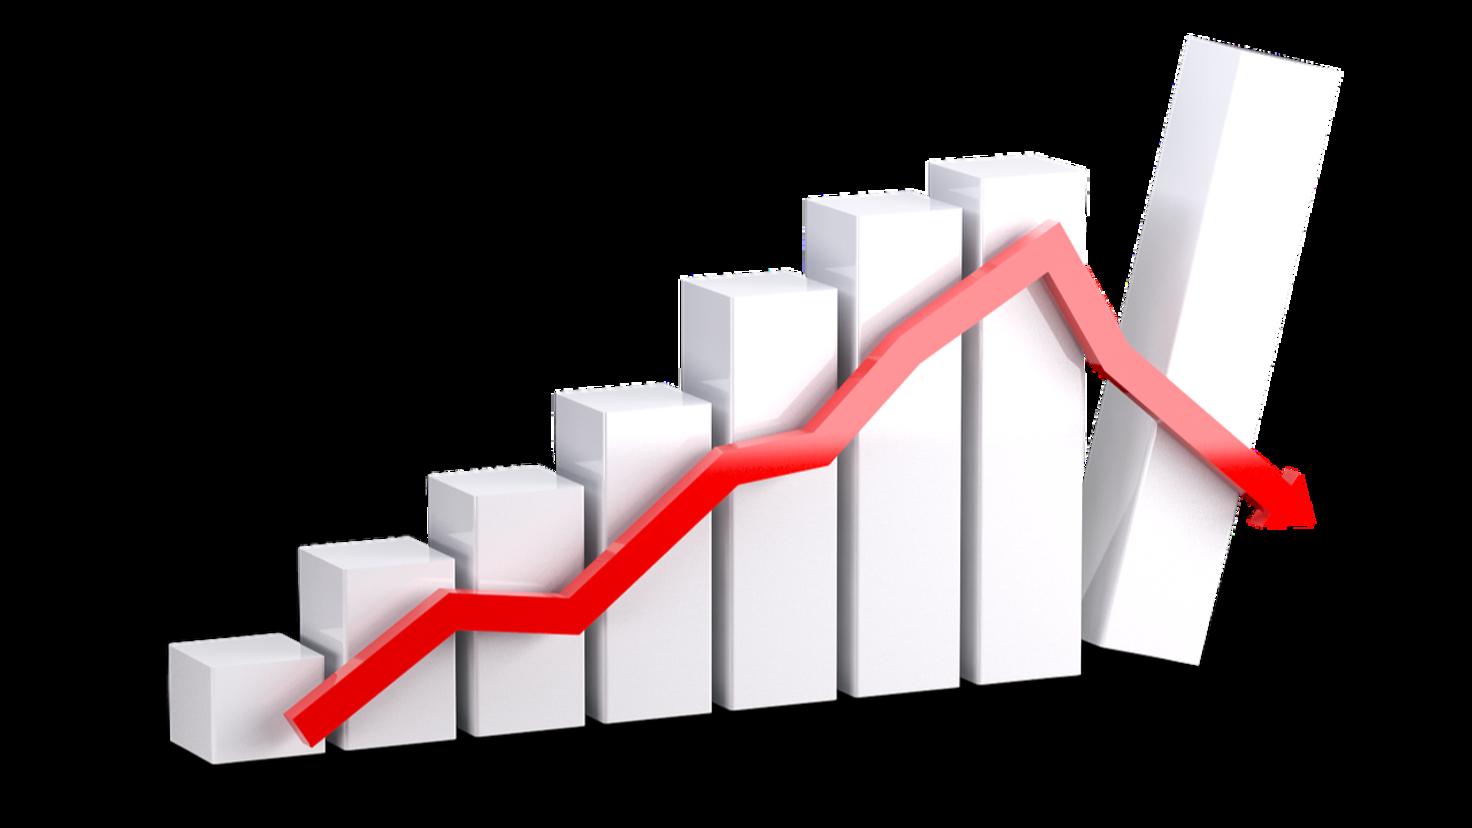 Всемирный банк вновь понизил прогноз по росту экономики России